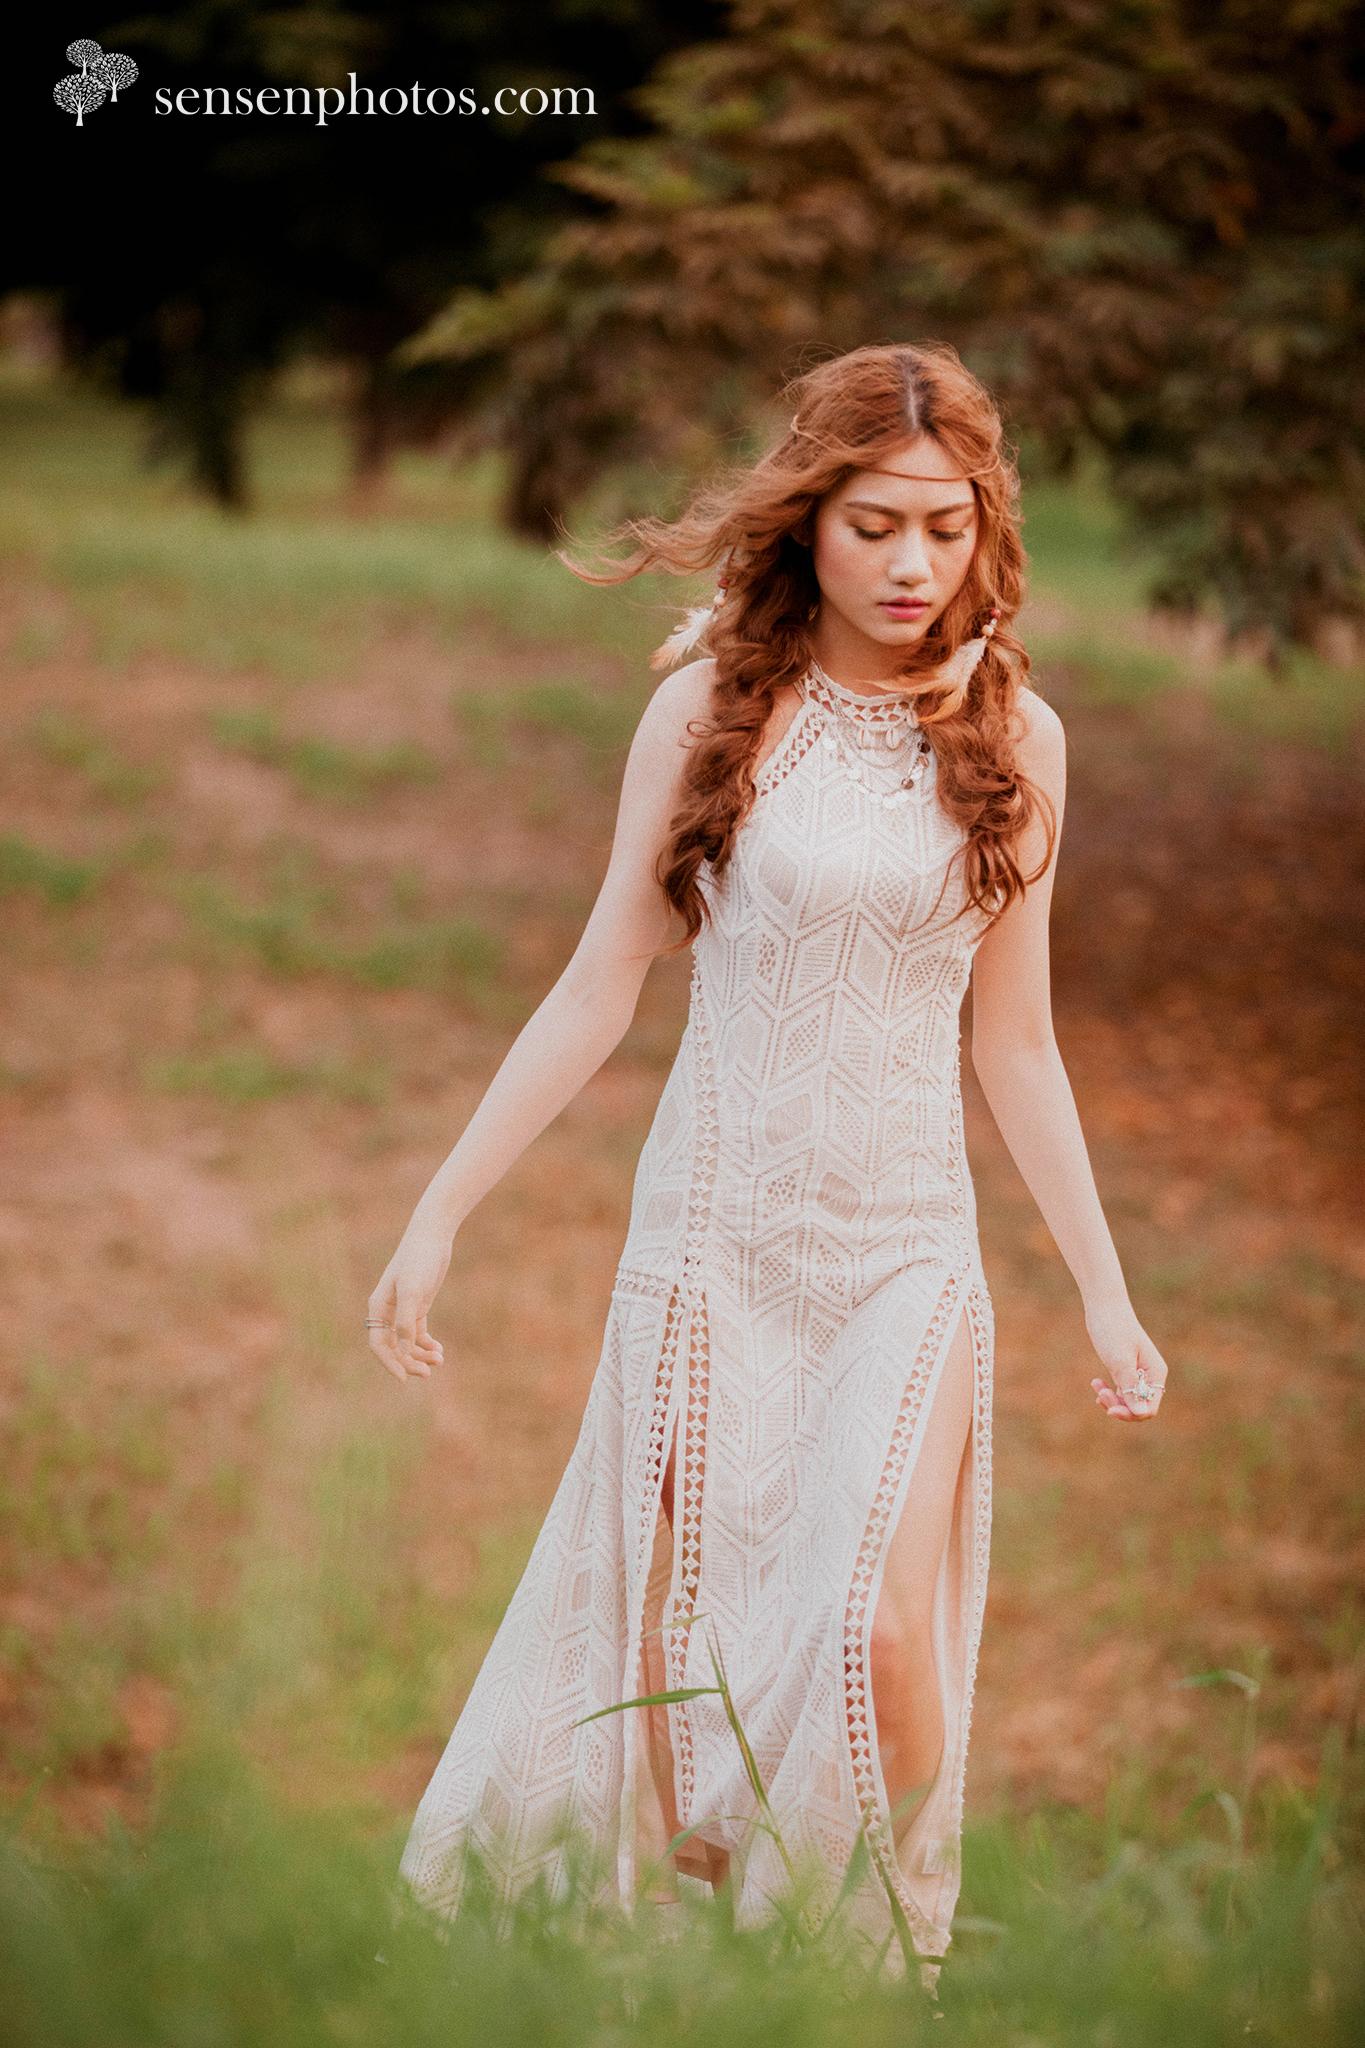 高雄自助婚紗, 婚紗, 婚攝森森, 高雄婚攝, 衛武營國家公園, 波希米亞婚紗